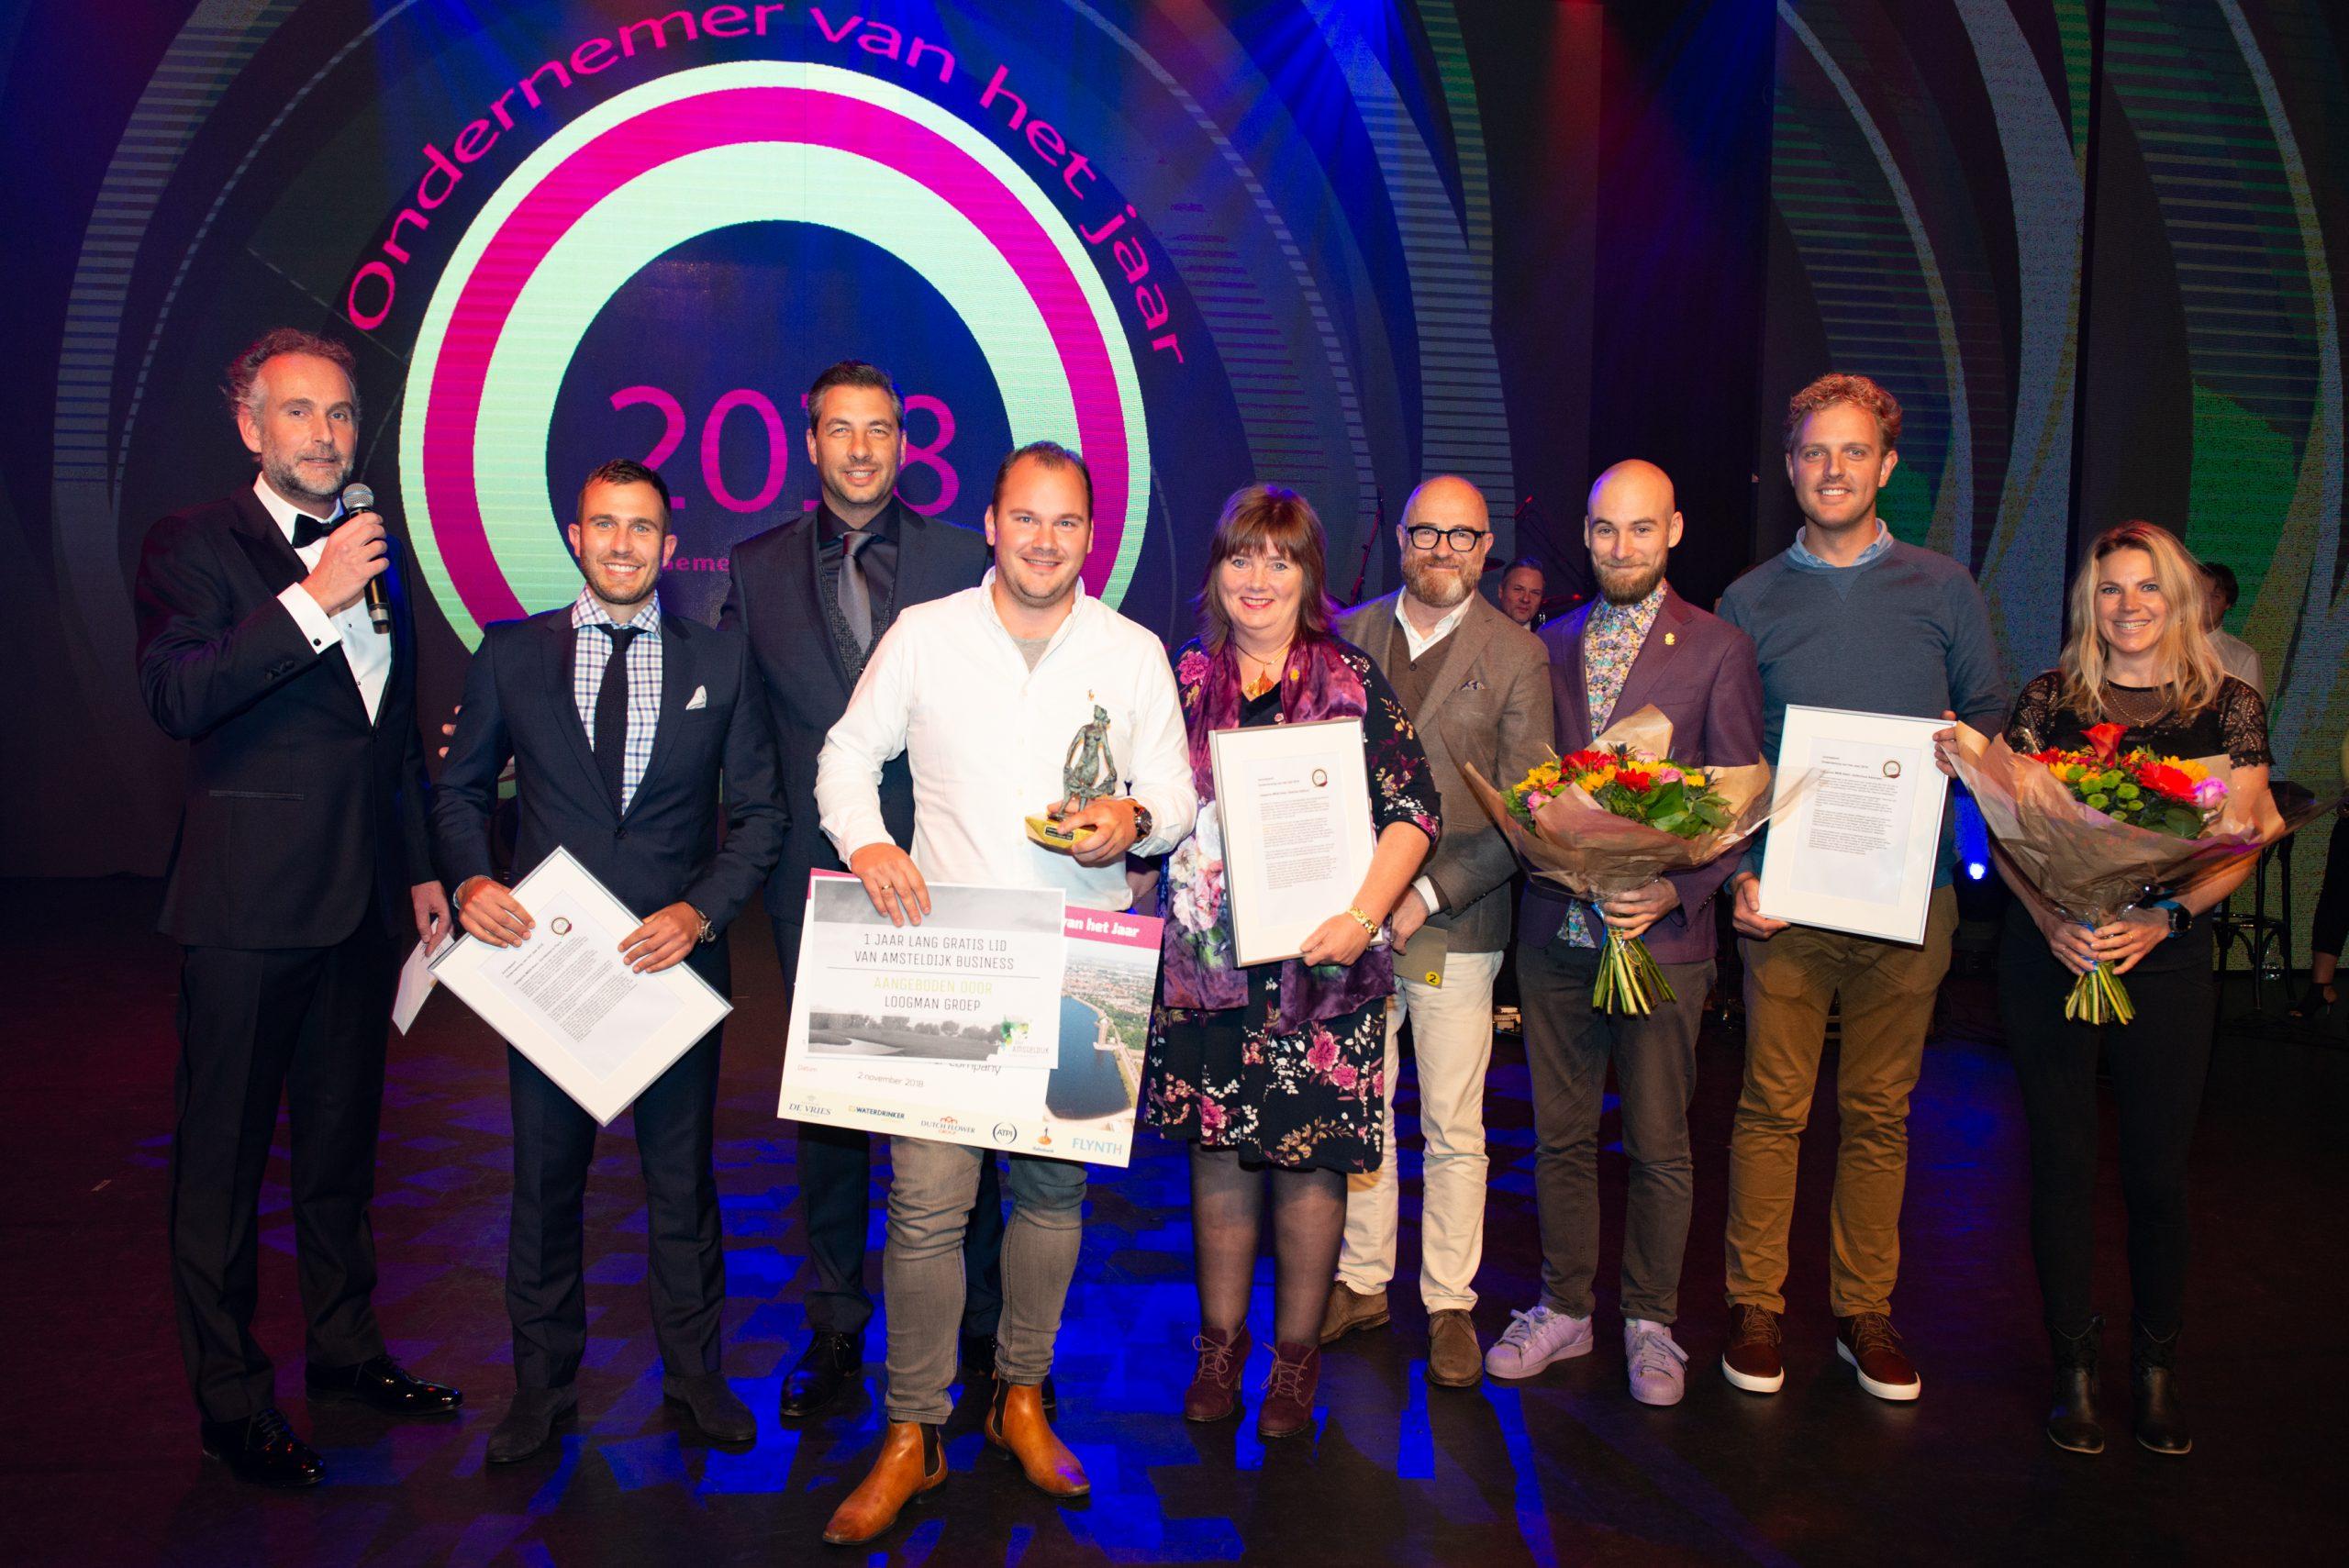 Aalsmeer lokaal - Ondernemer van het Jaar 2018